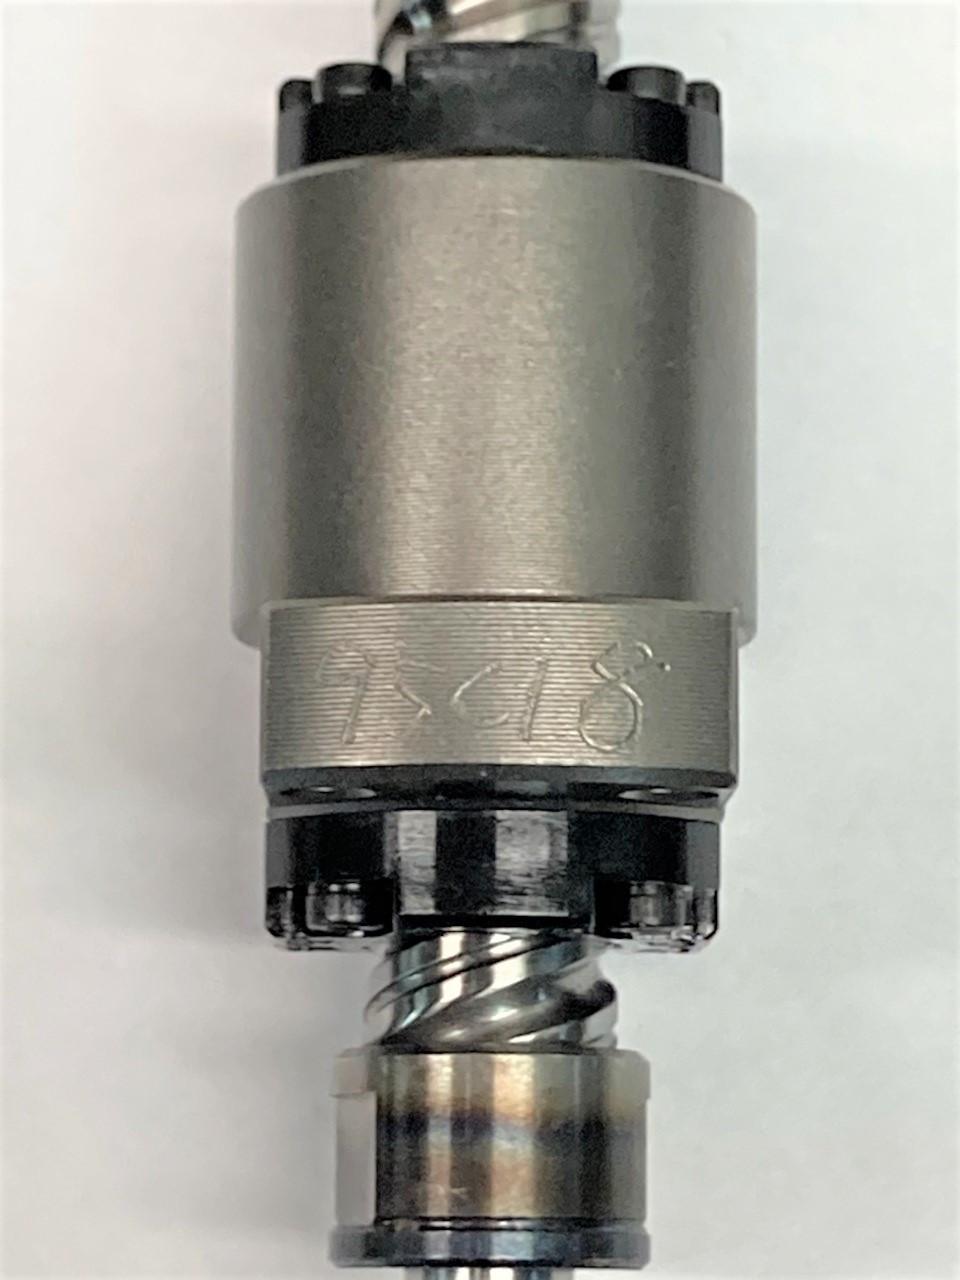 Z Axis Ball Screw  YK250XG YK350XG YK400XG YK500XGL YK600XGL 200MM Stroke